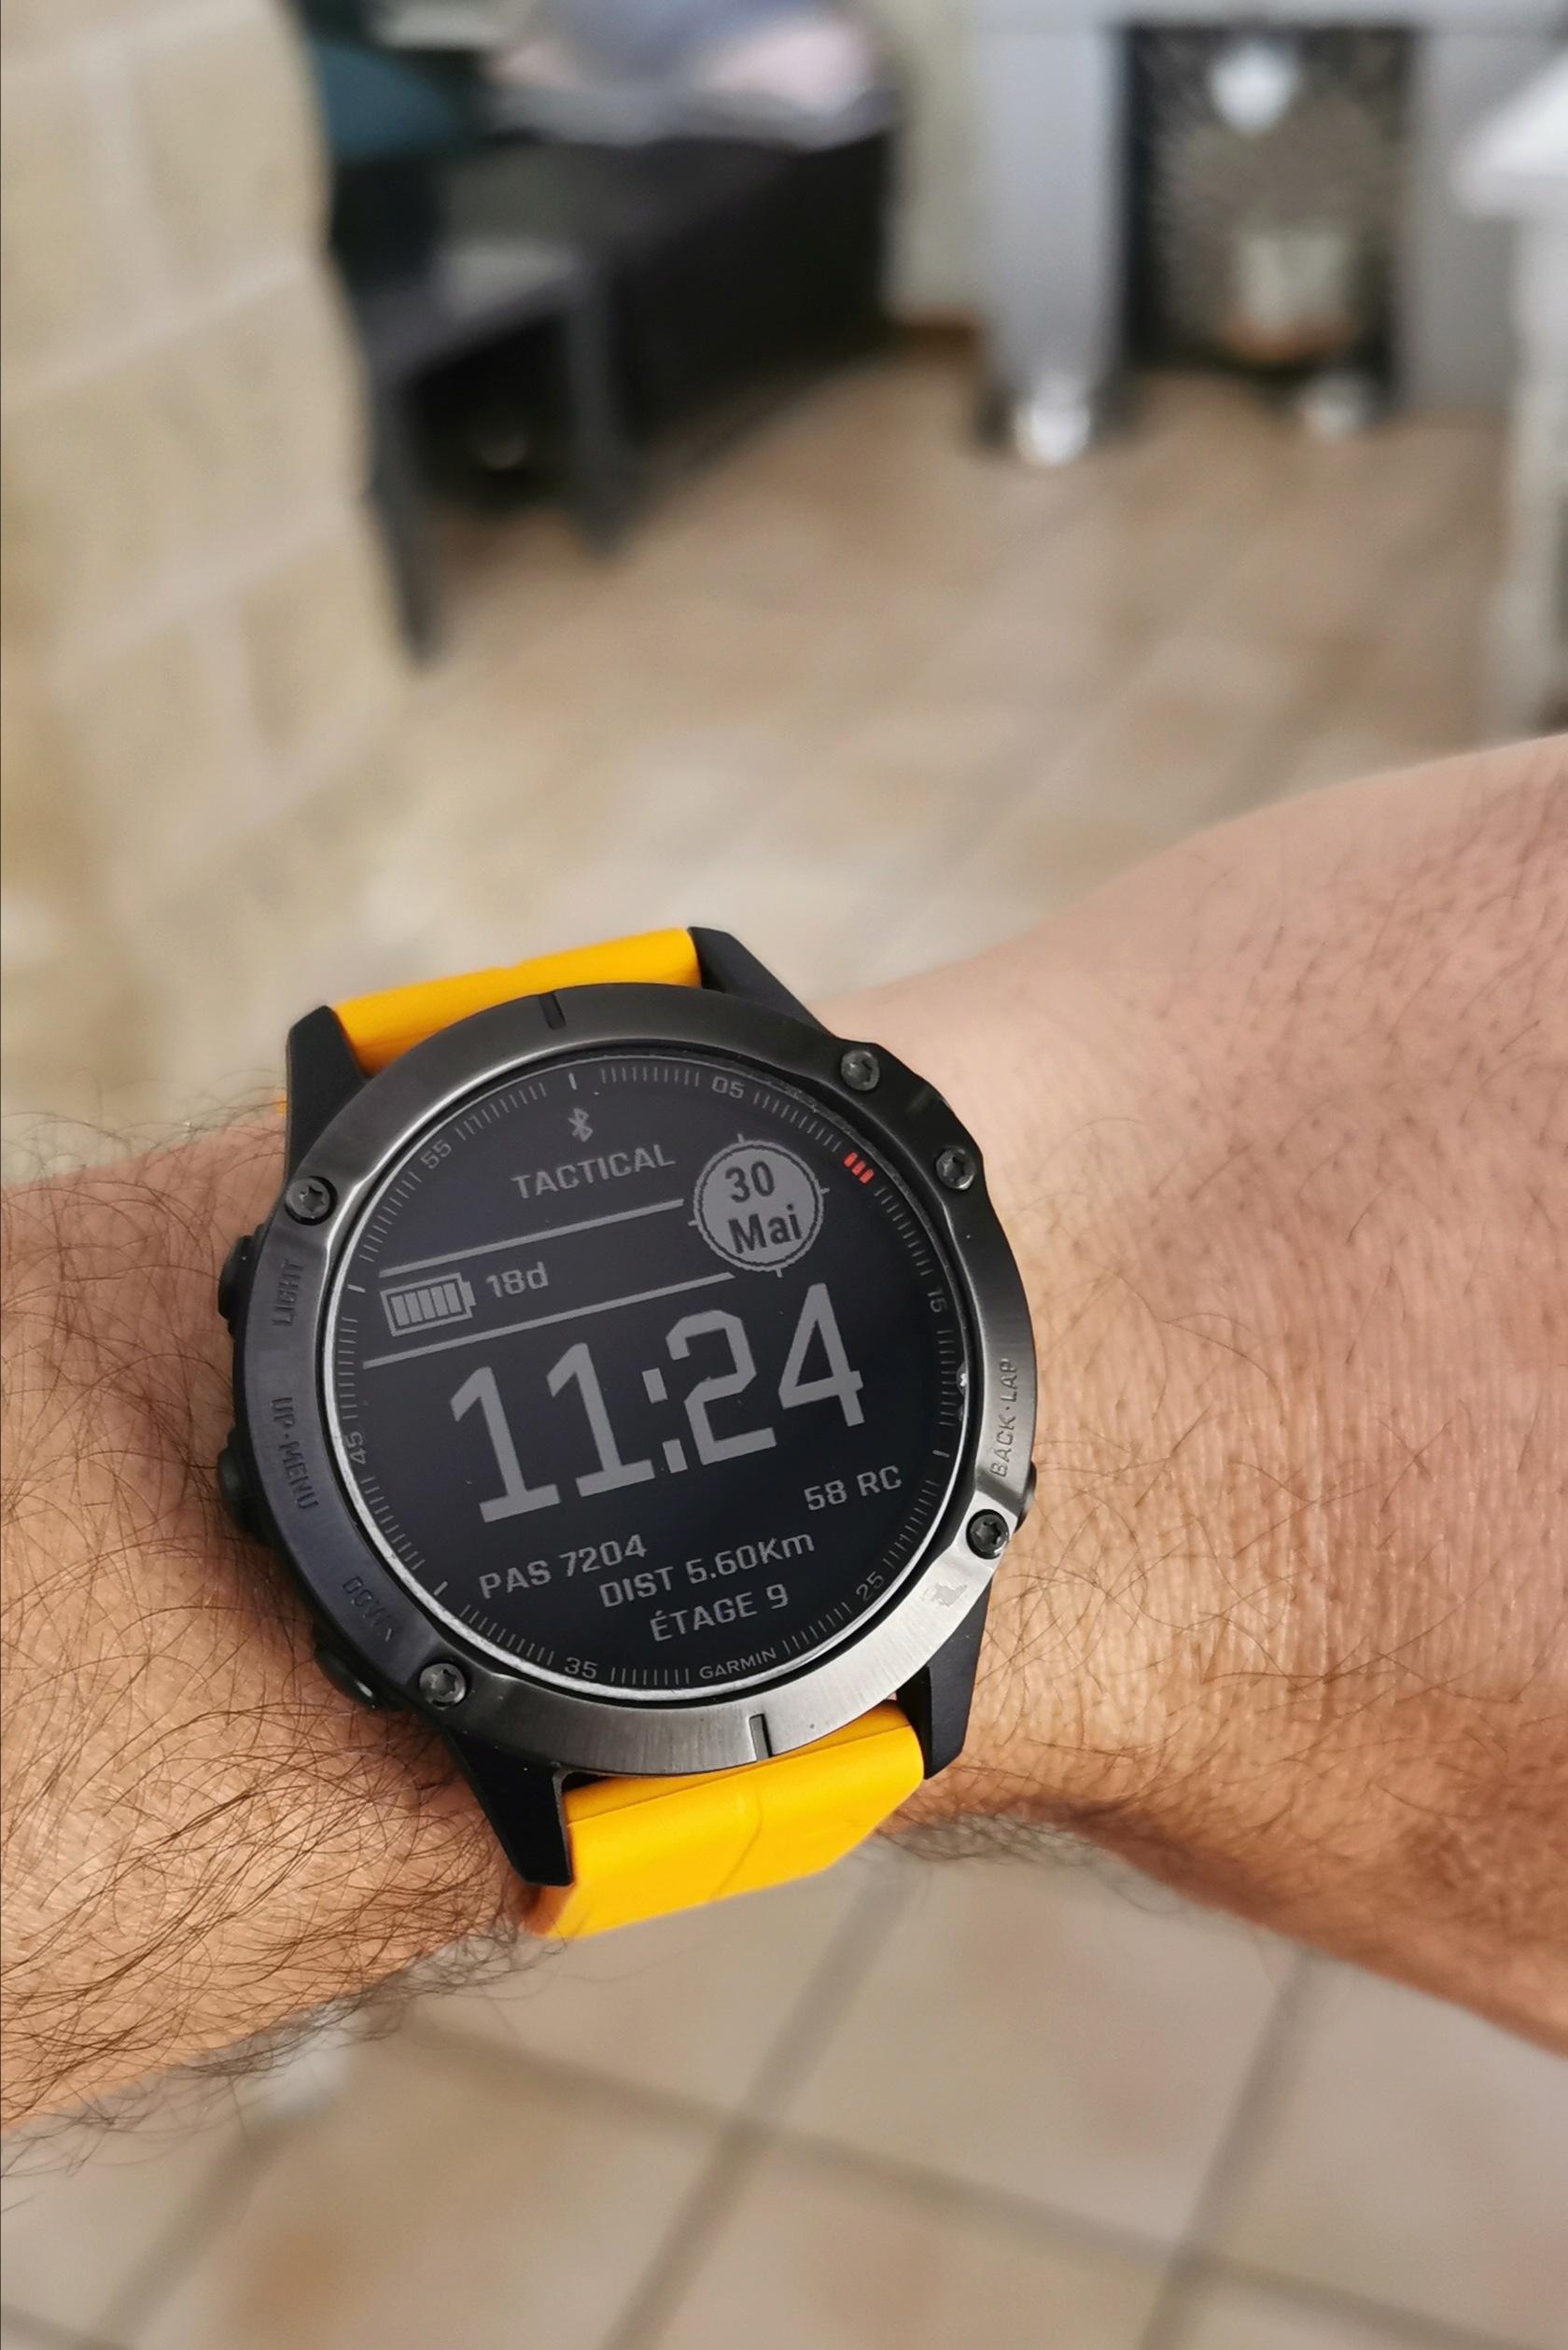 Quel intérêt portez-vous aux montres connectées ?   - Page 19 Img_2449